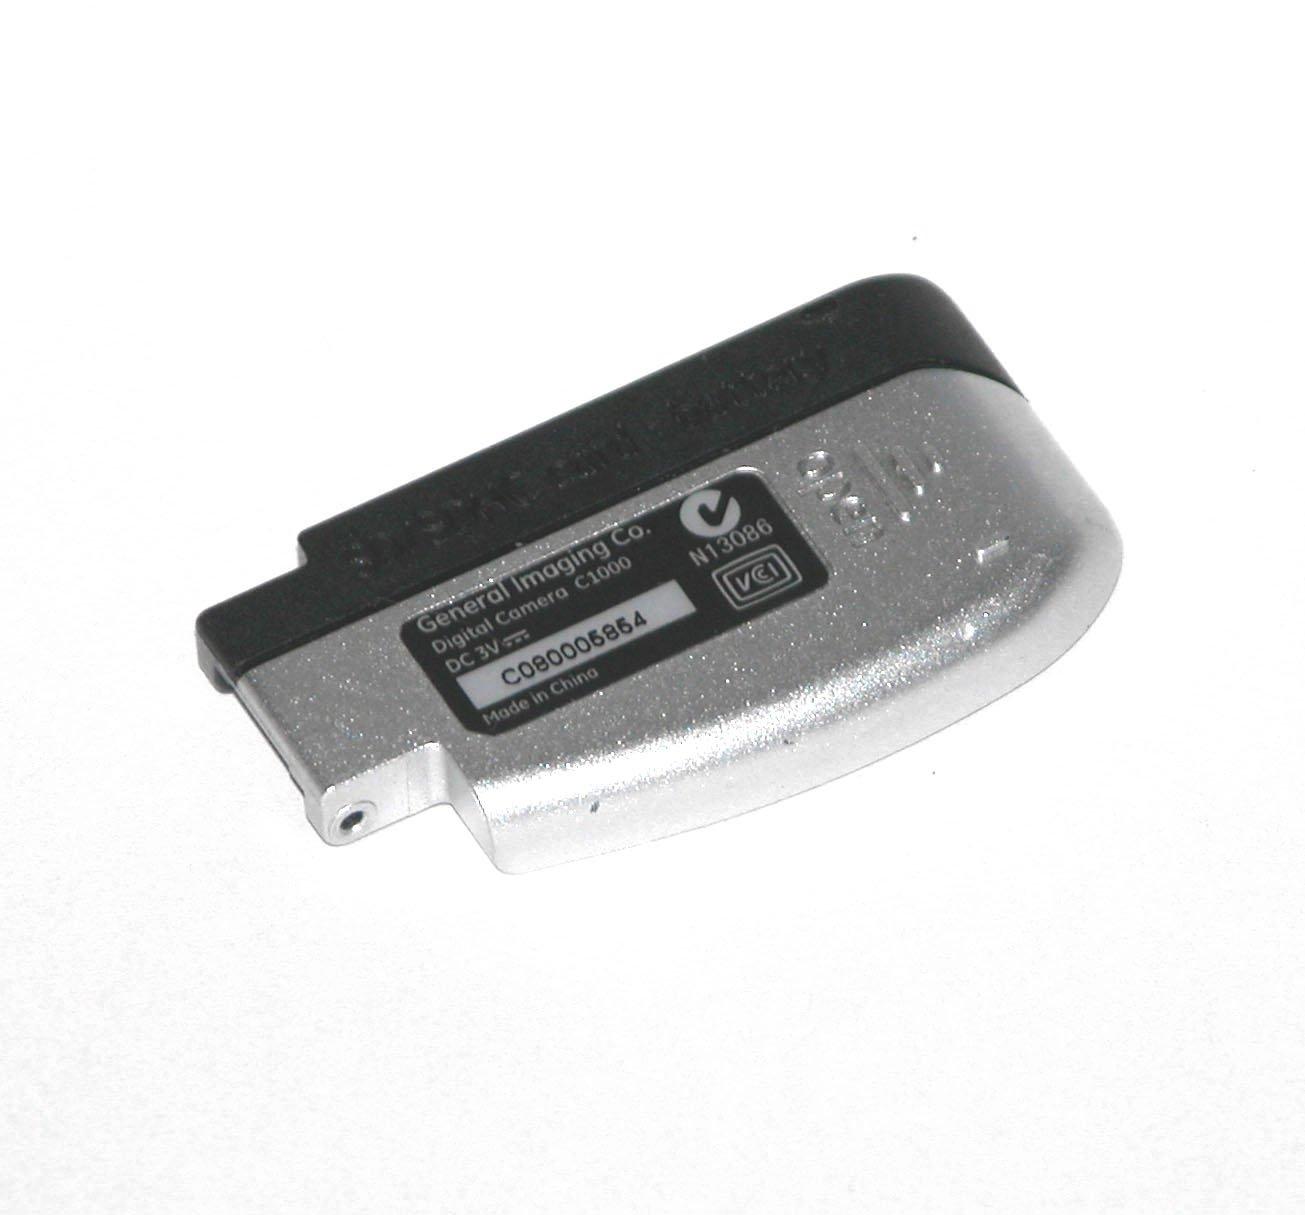 Replacement Battery Door / Cover For GE C1000 Digital Camera - Repair Parts